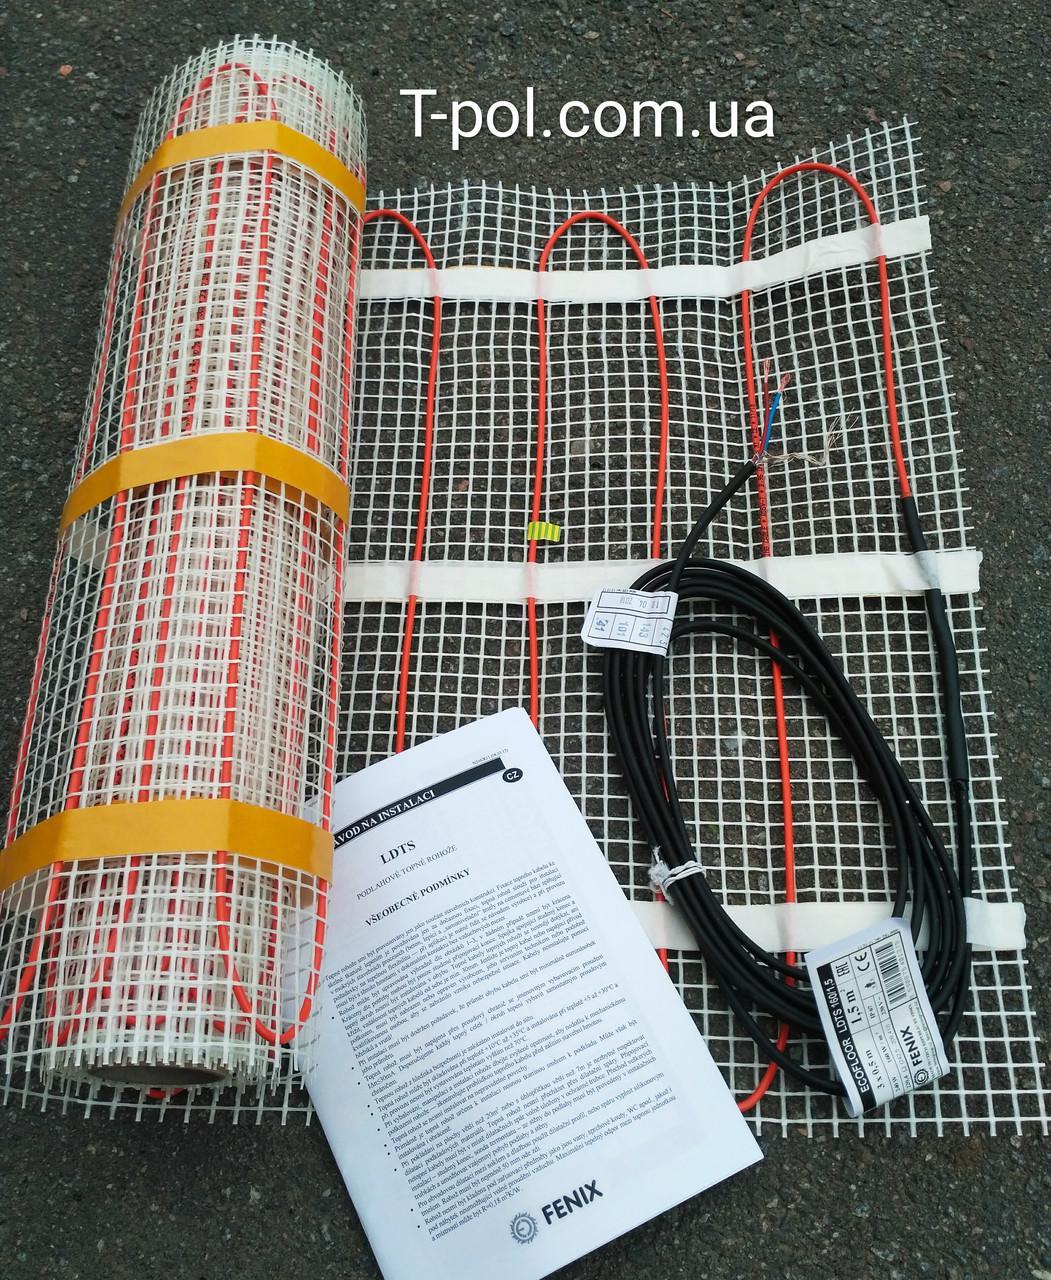 Теплый пол без стяжки нагревательный мат ldts 3,35 м2 Ecoflor Fenix Чехия